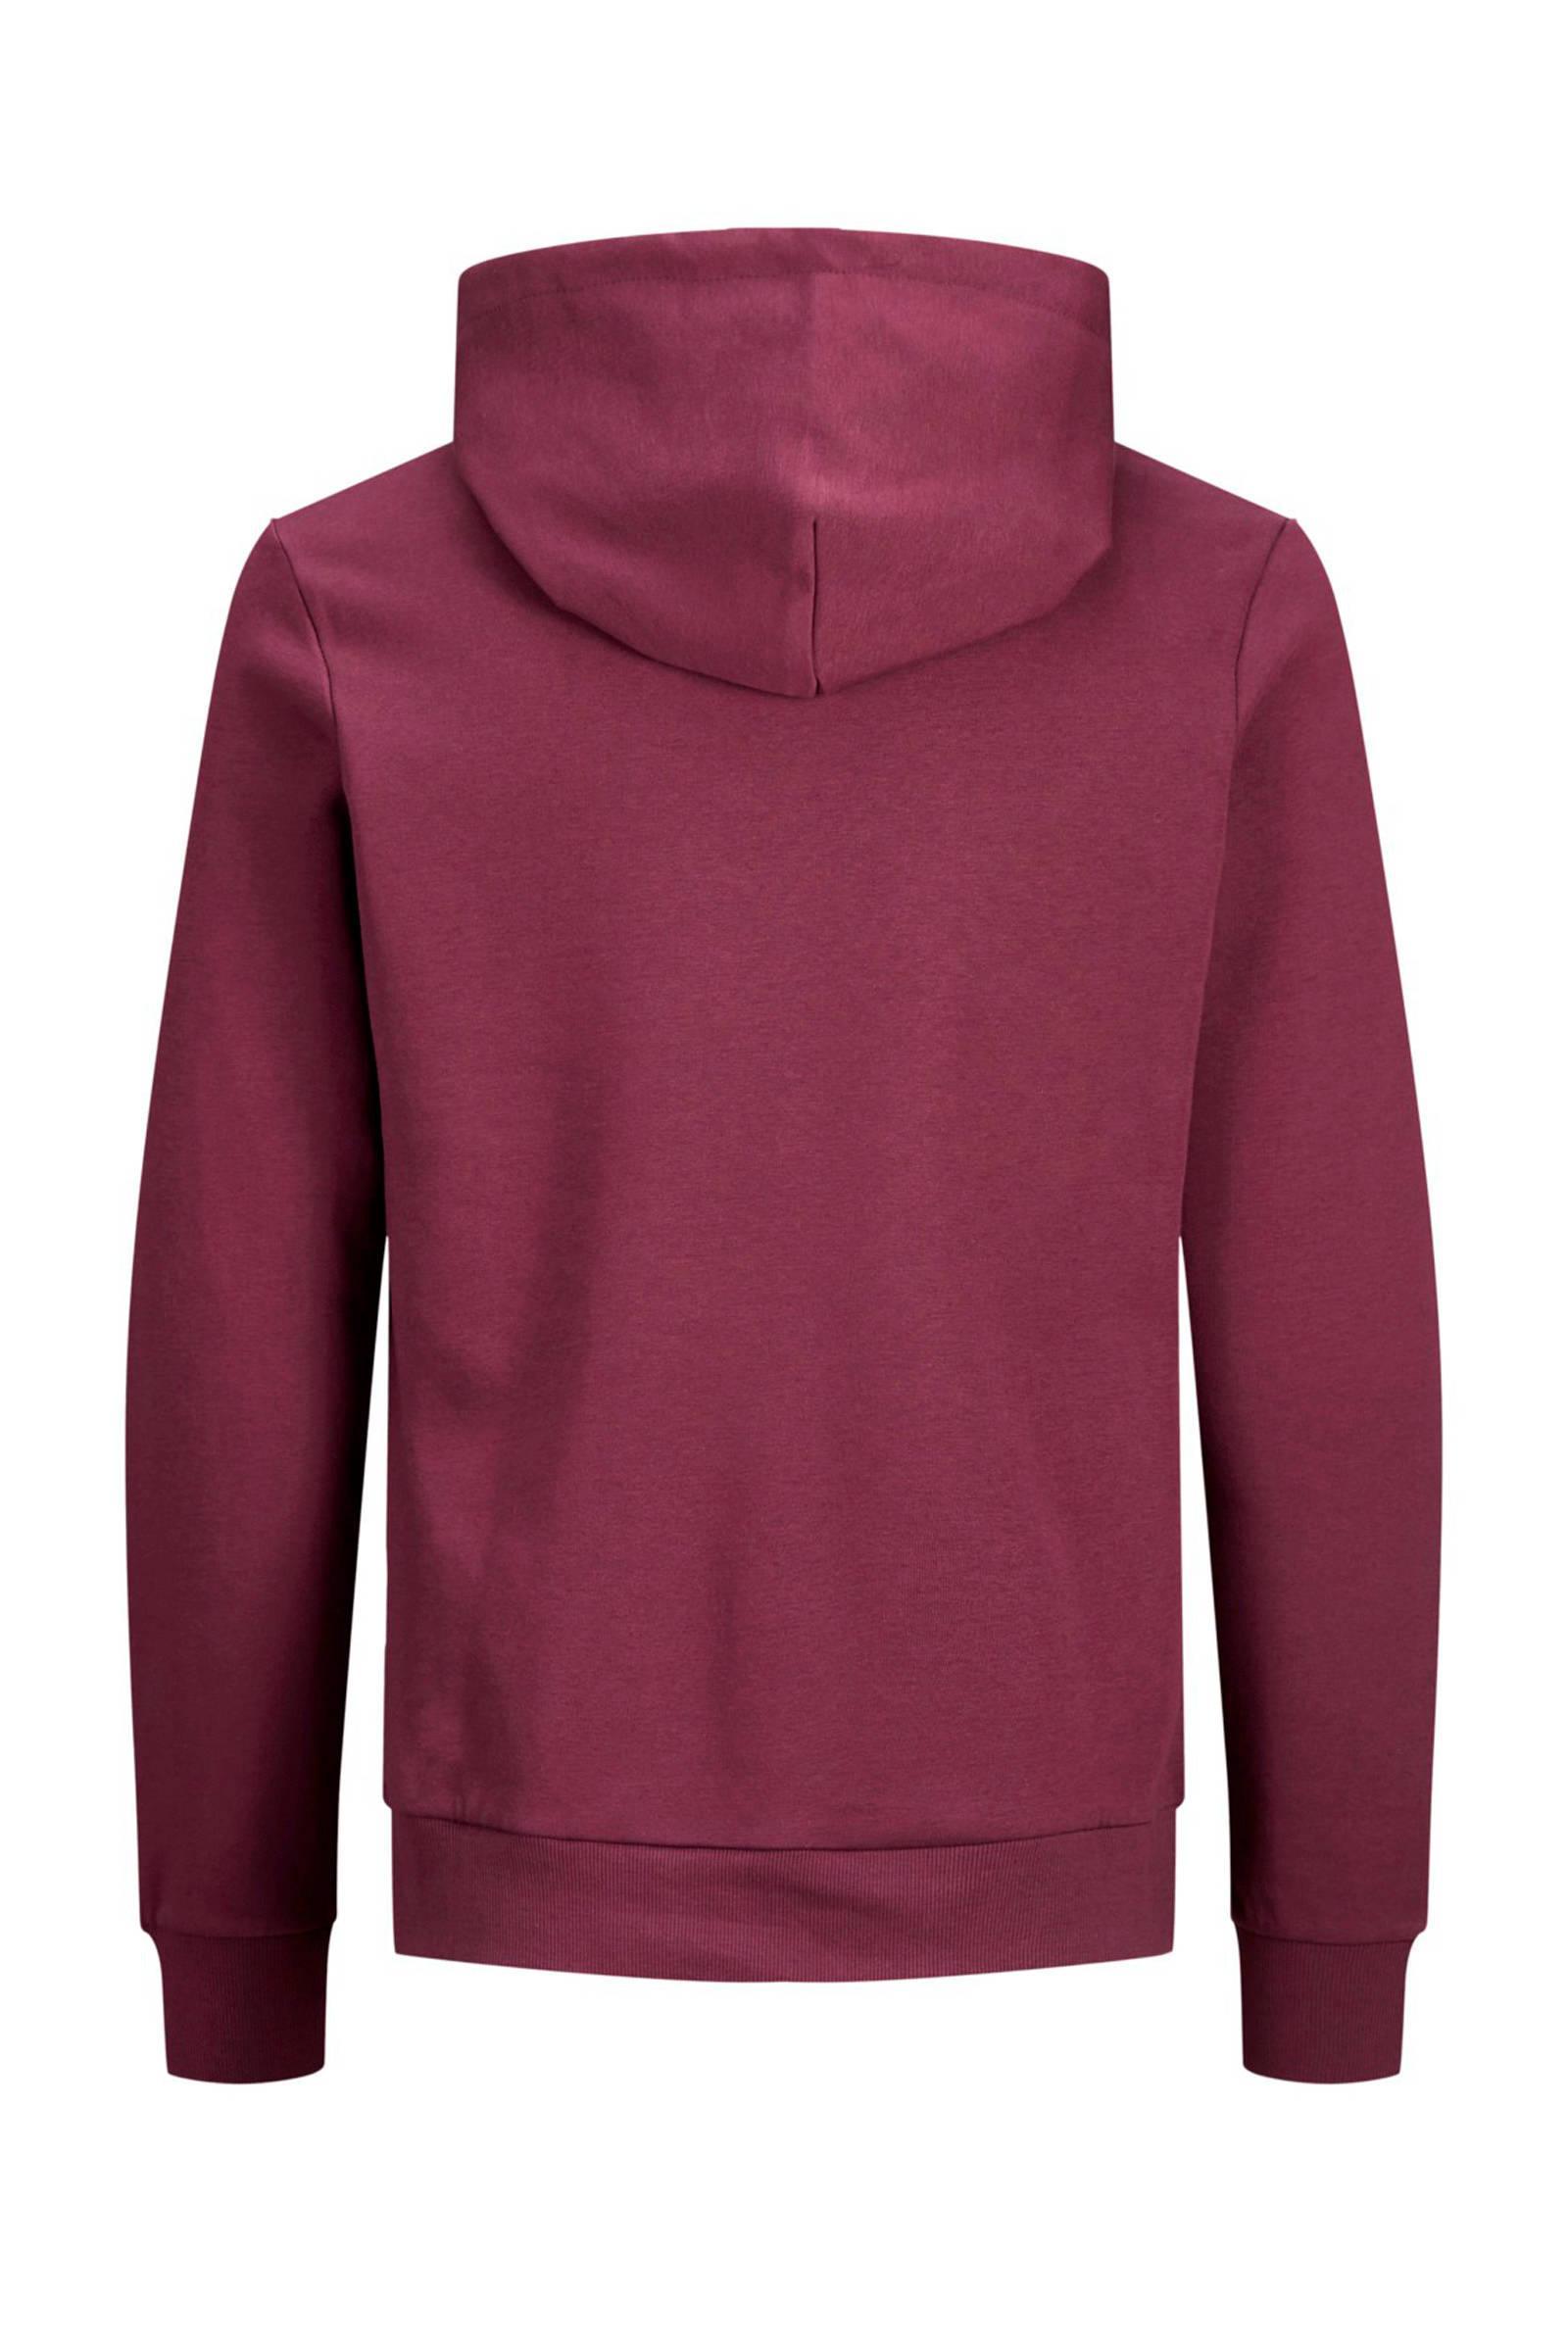 Jack & Jones Essentials Hoodie Met Logo Rood/wit in het Rood voor heren